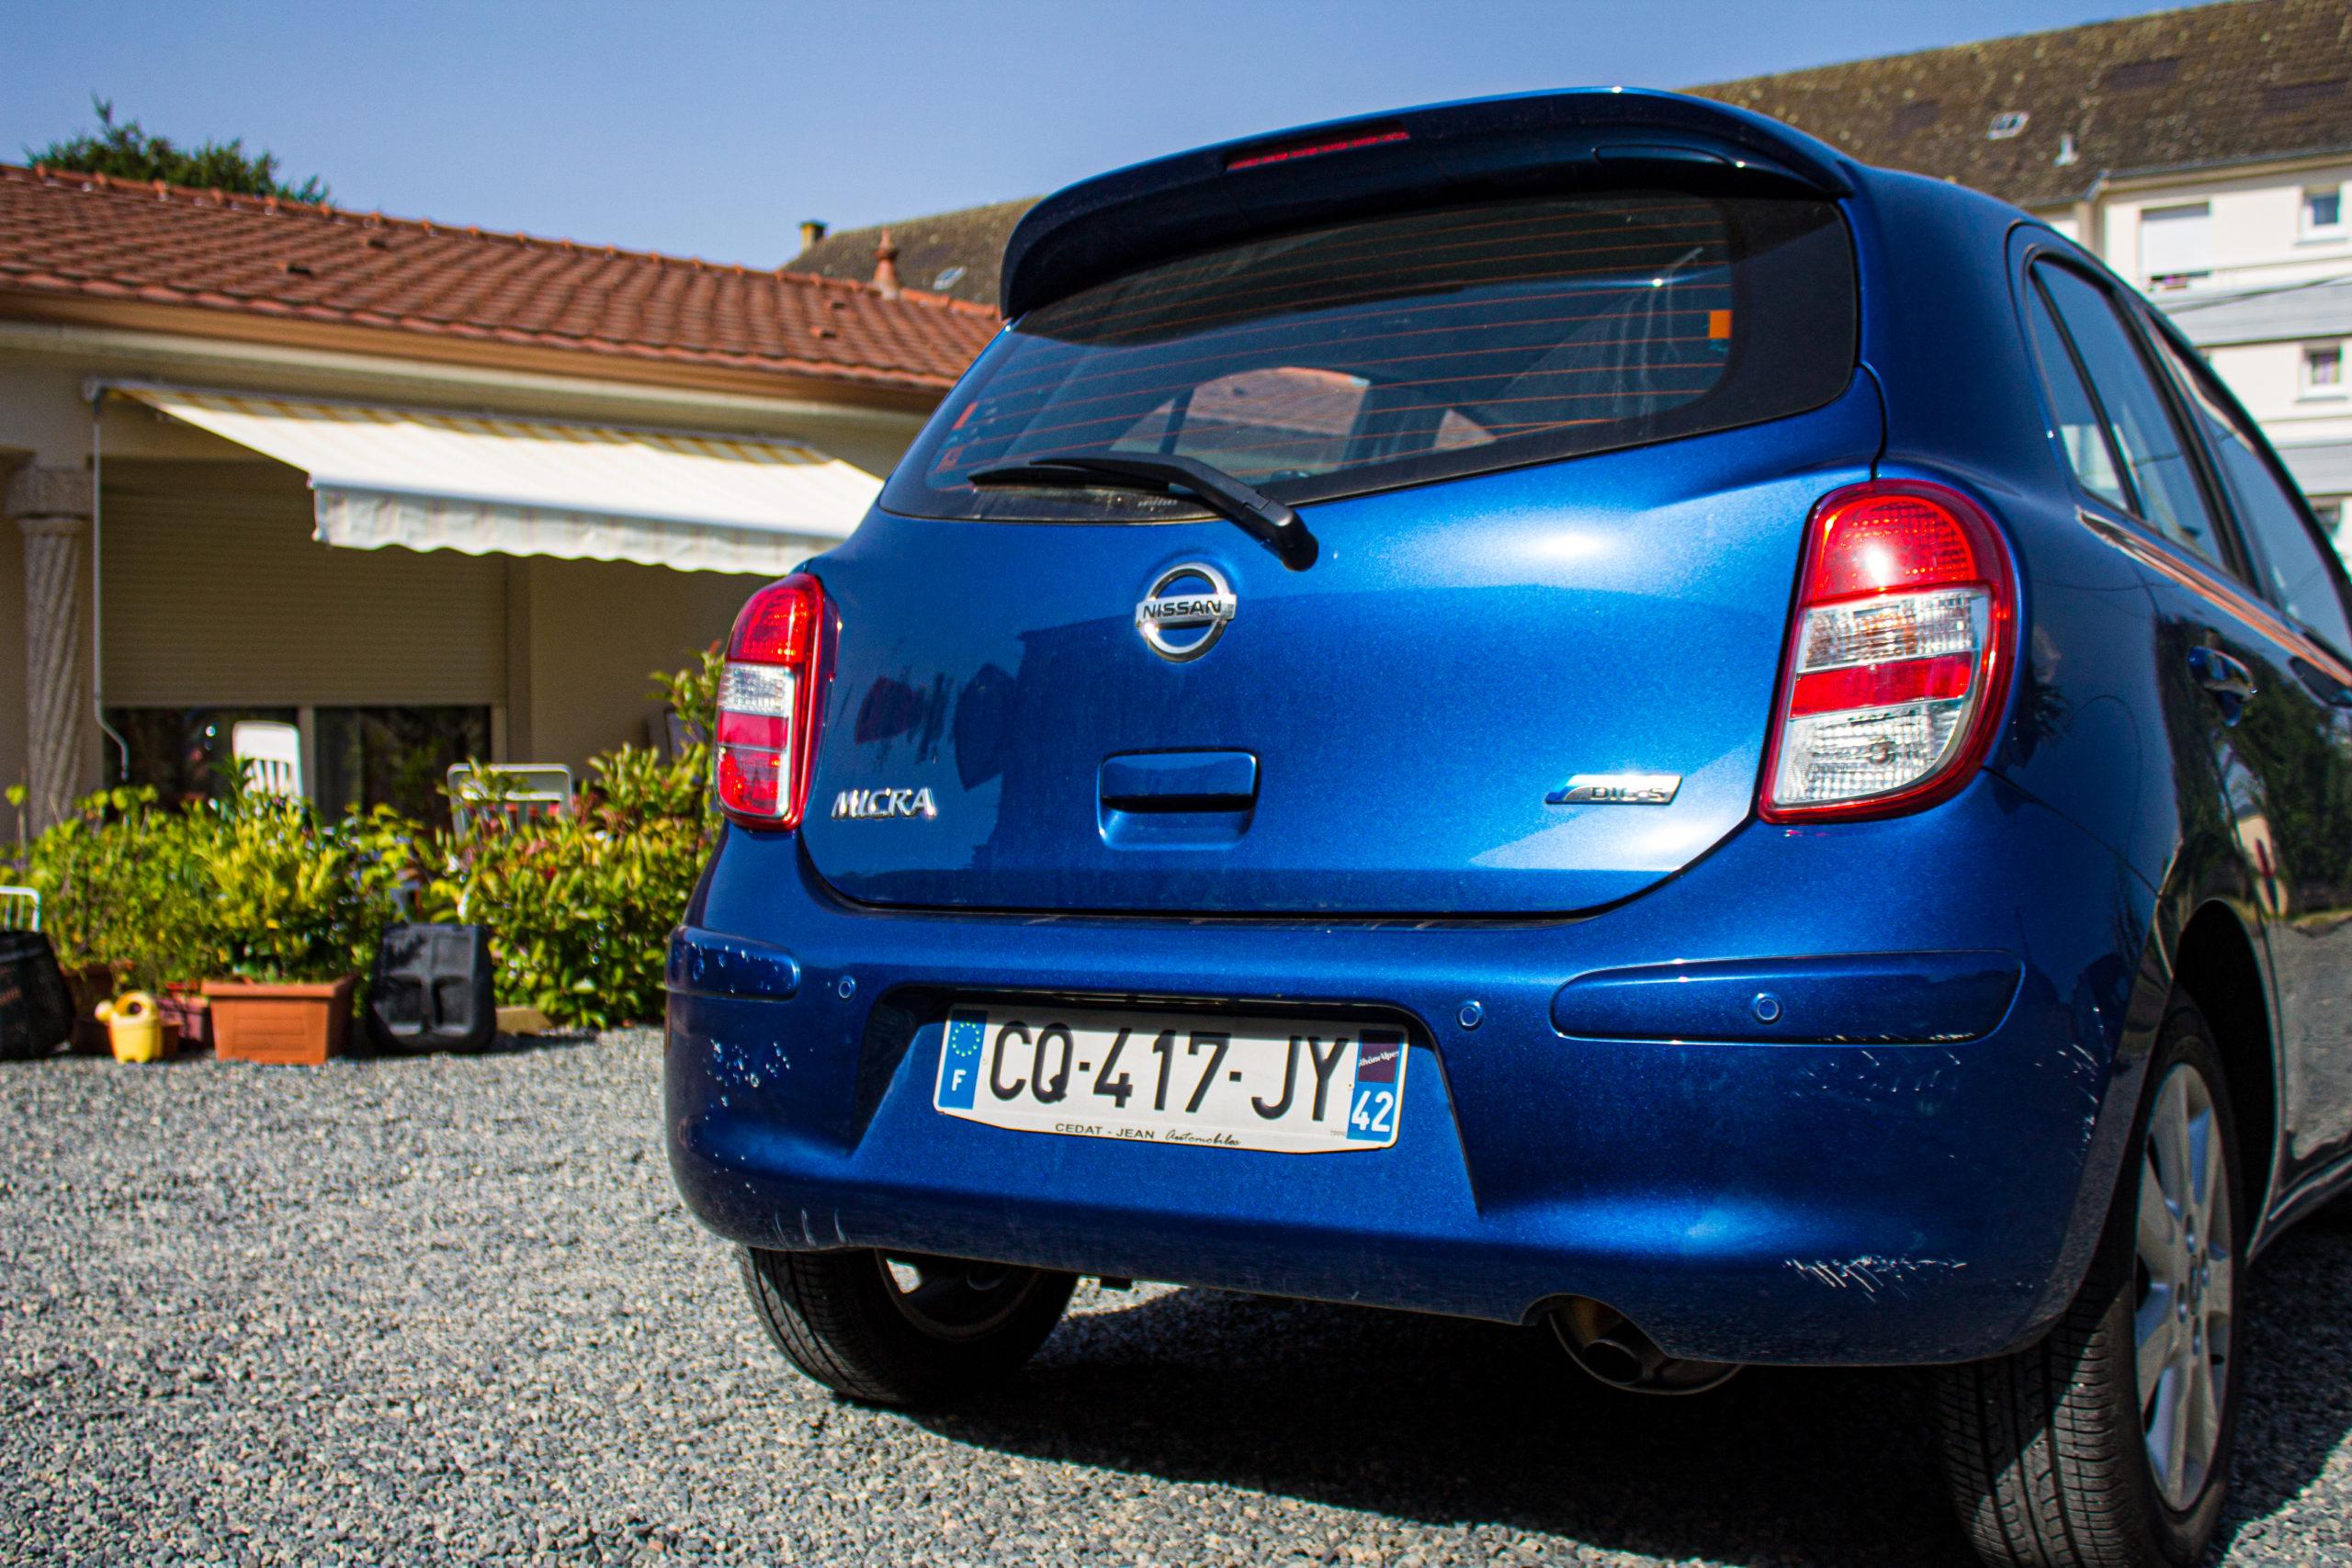 Face arrière de Nissan Micra de 2013 moteur essence de 98 chevaux, édition connect avec GPS